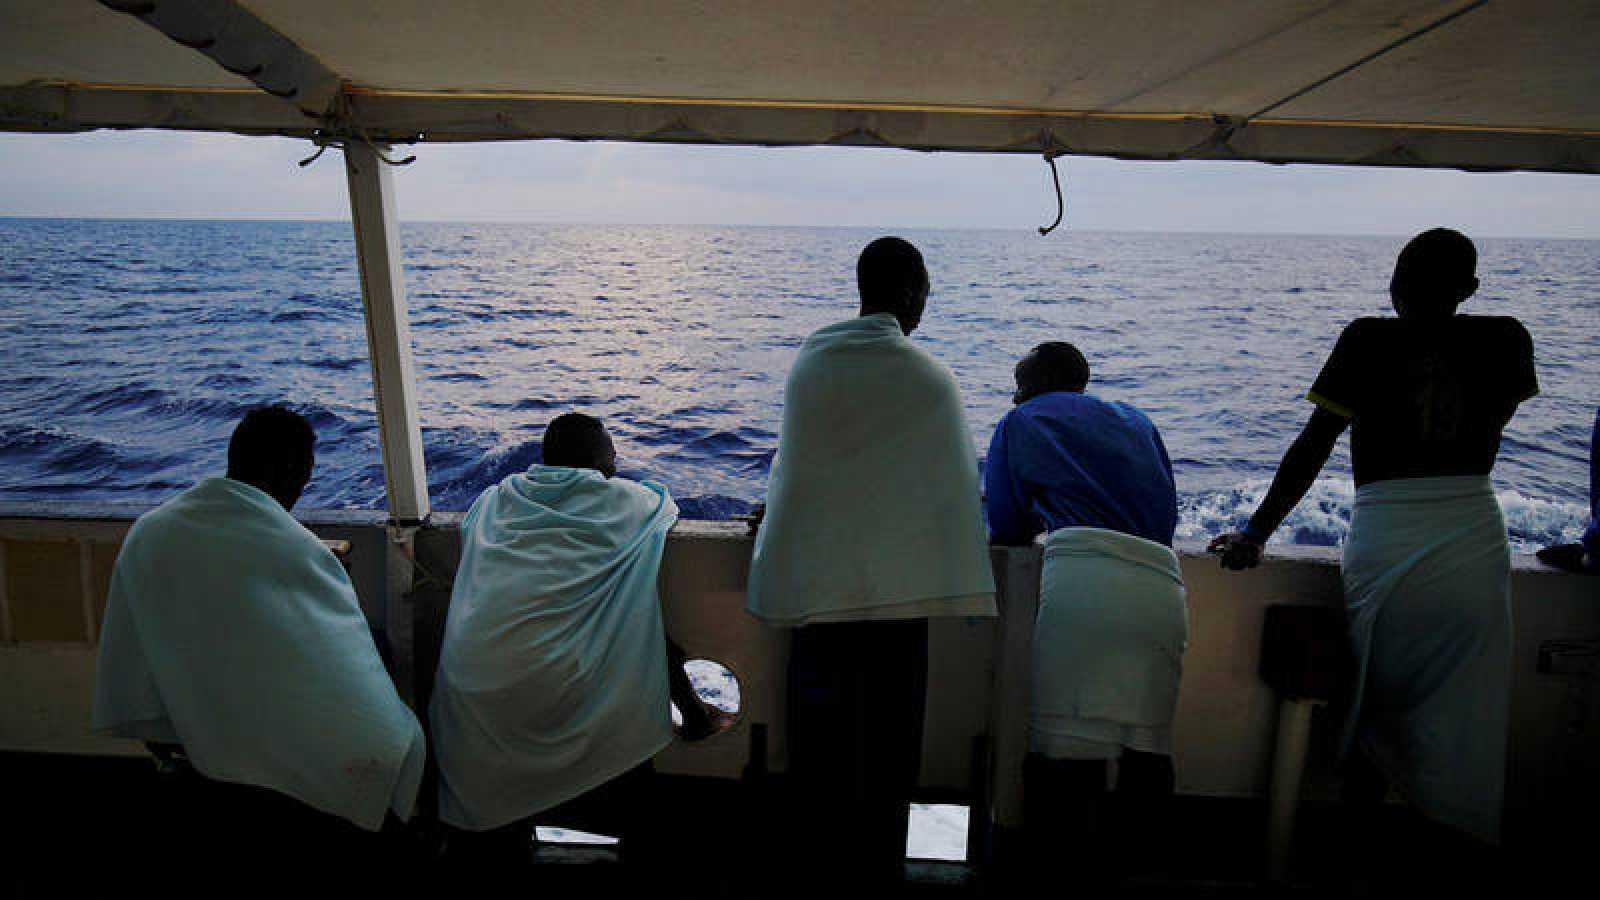 Cinco migrantes observan el Mediterráneo desde el barco de la ONG Proactiva Open Arms.